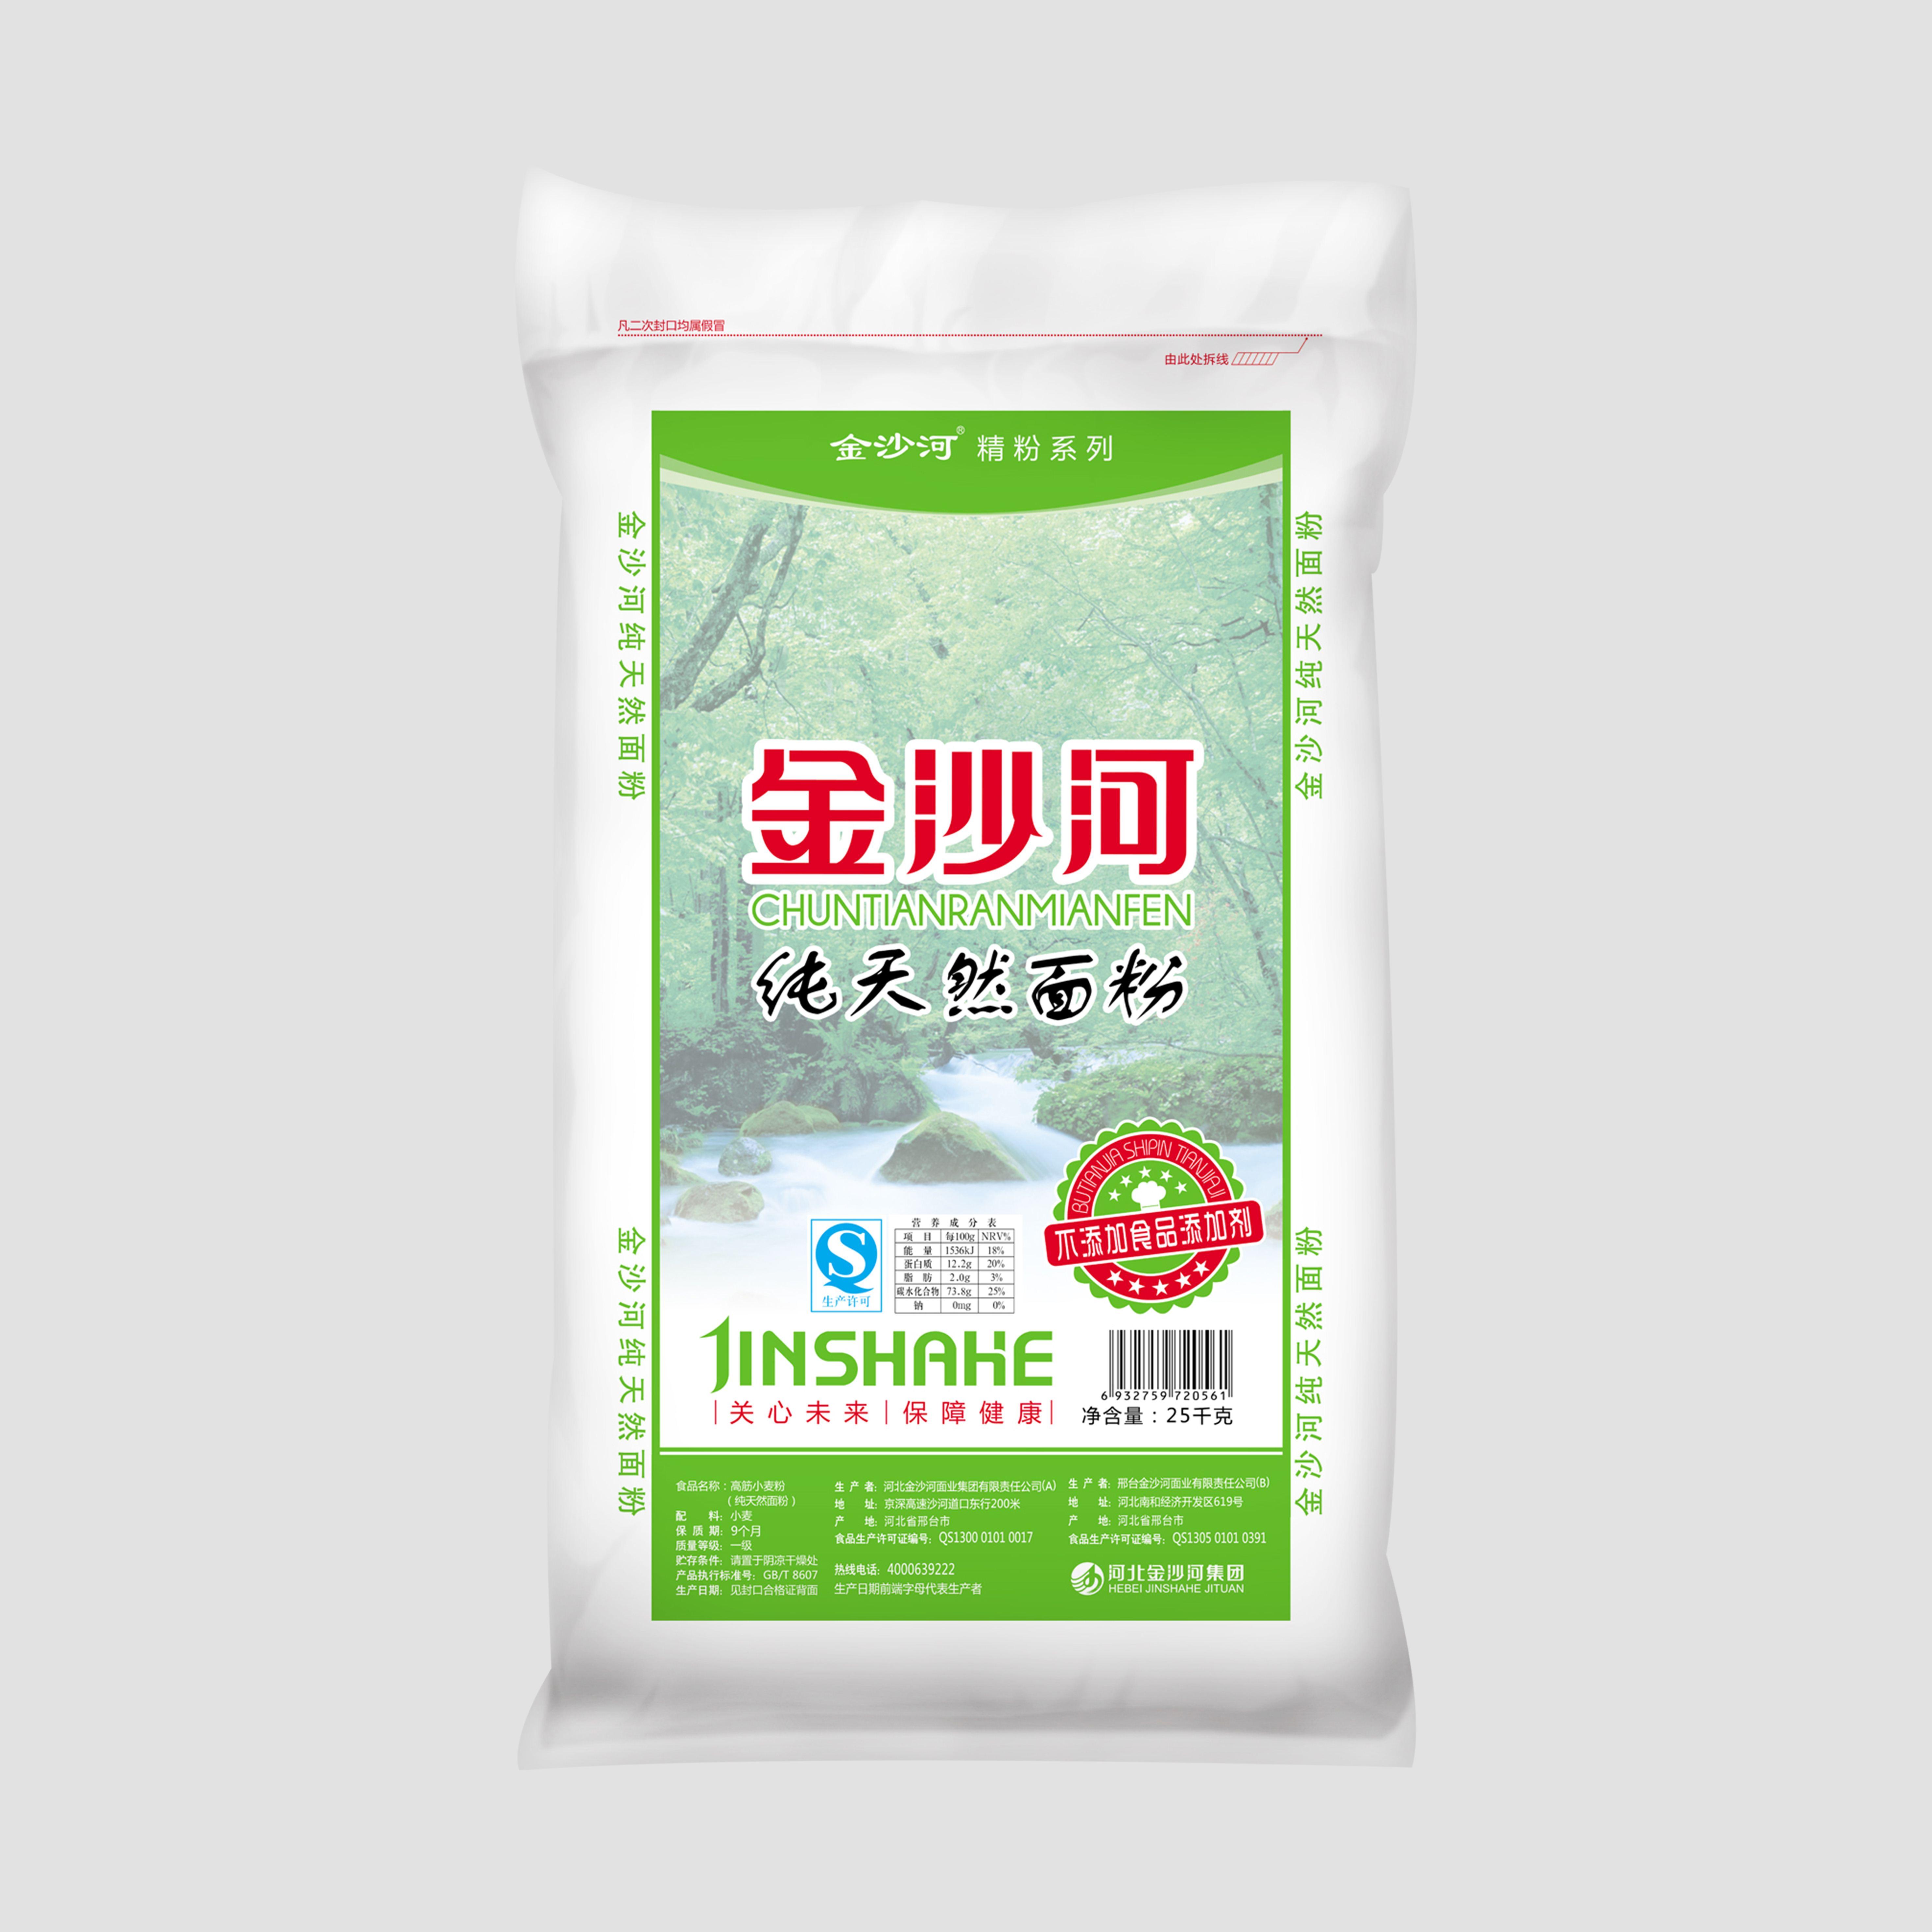 纯天然麦粉